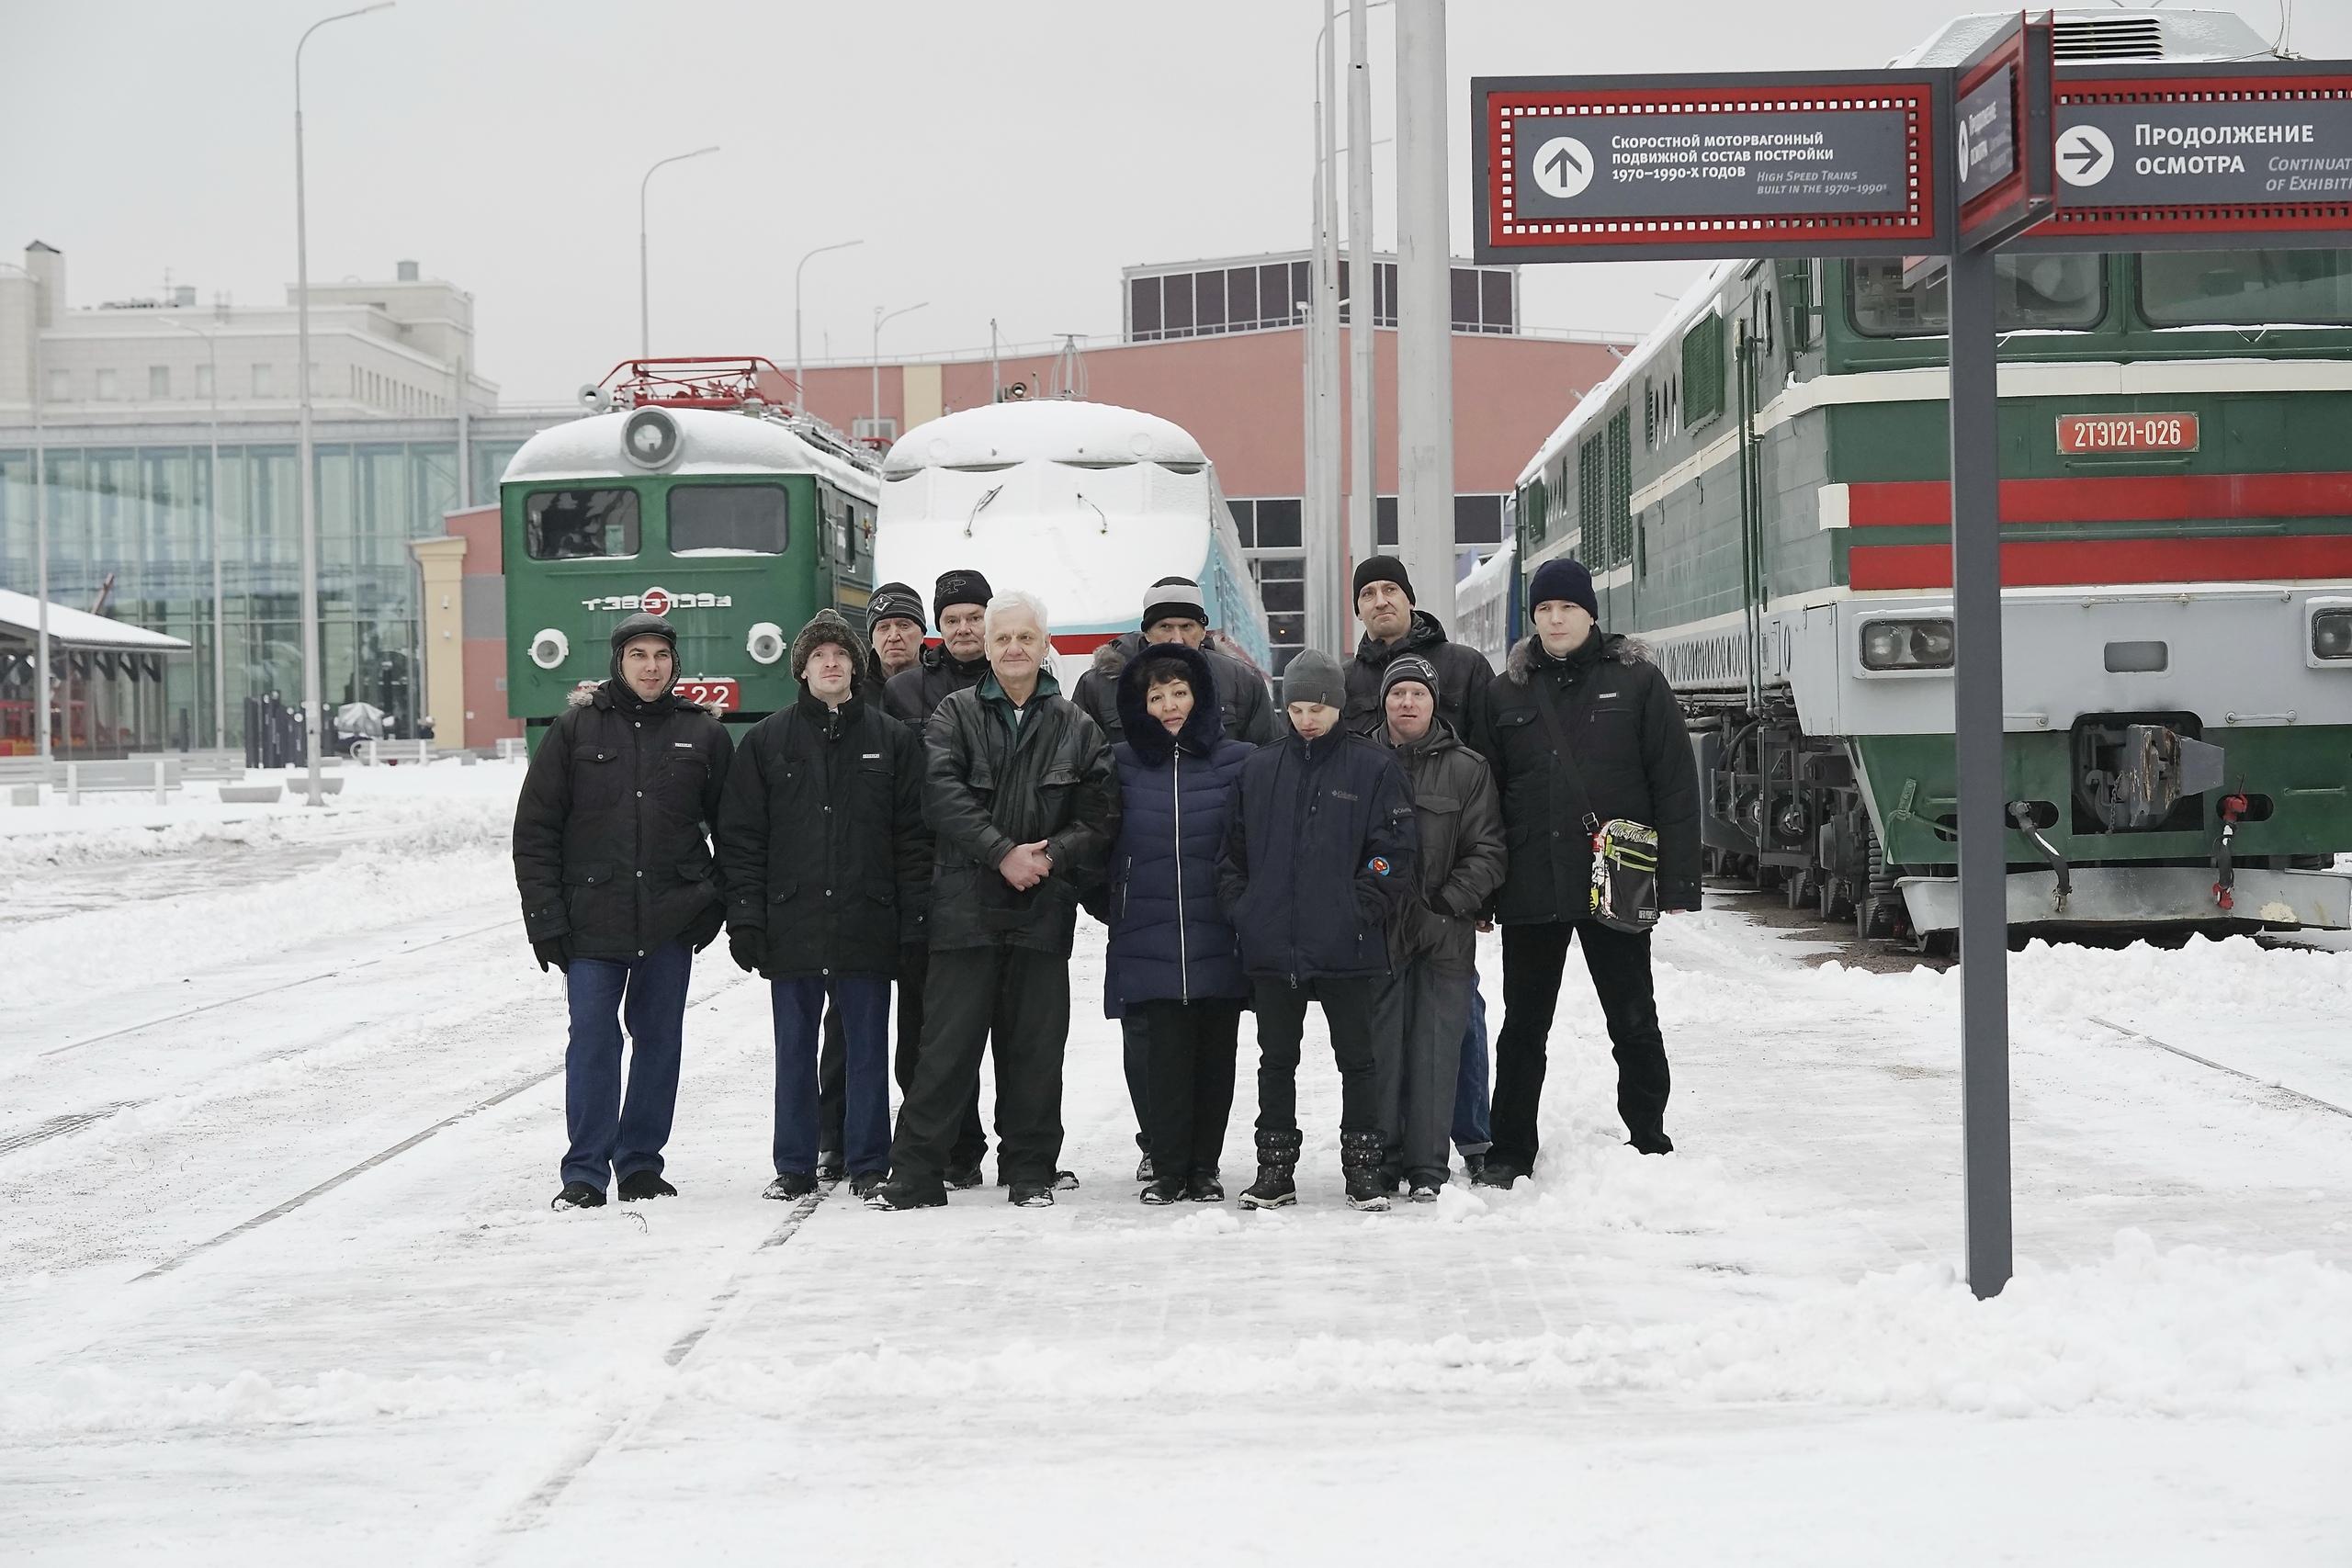 «Музей железных дорог России»